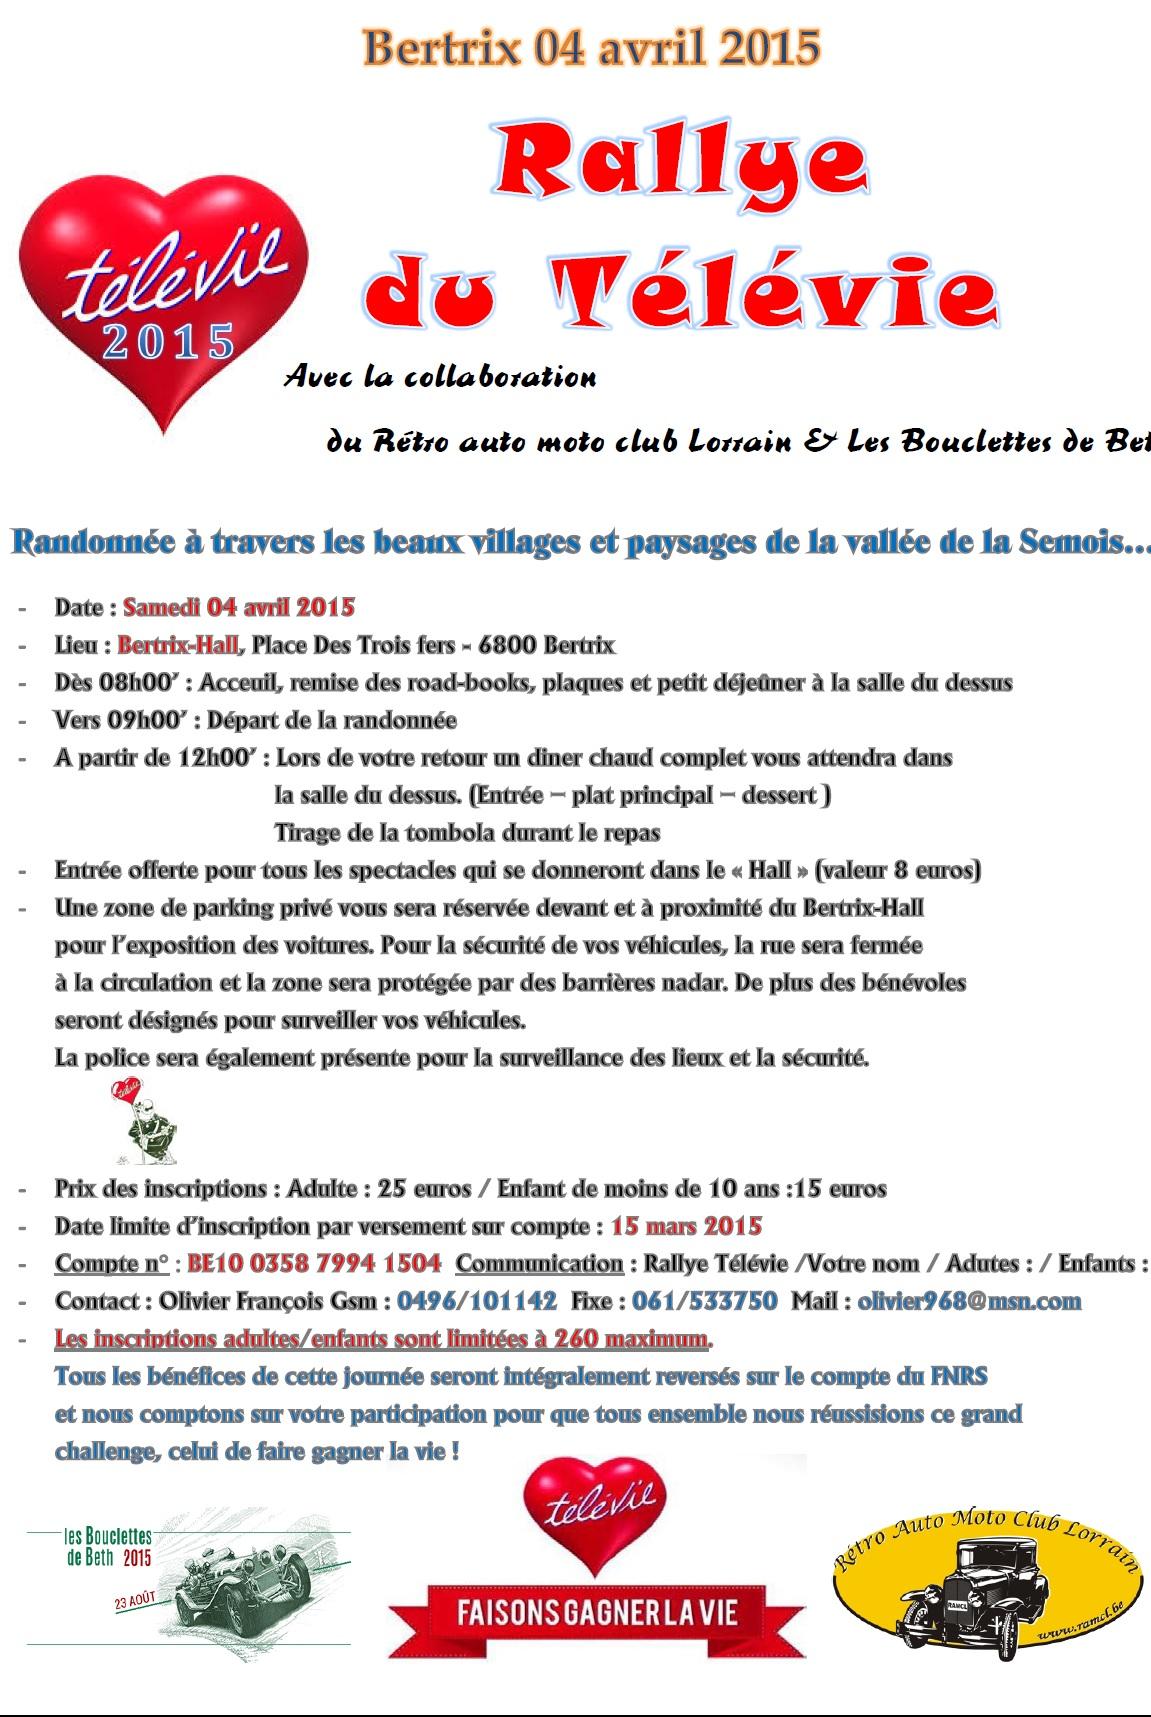 Rallye Télévie à Bertrix